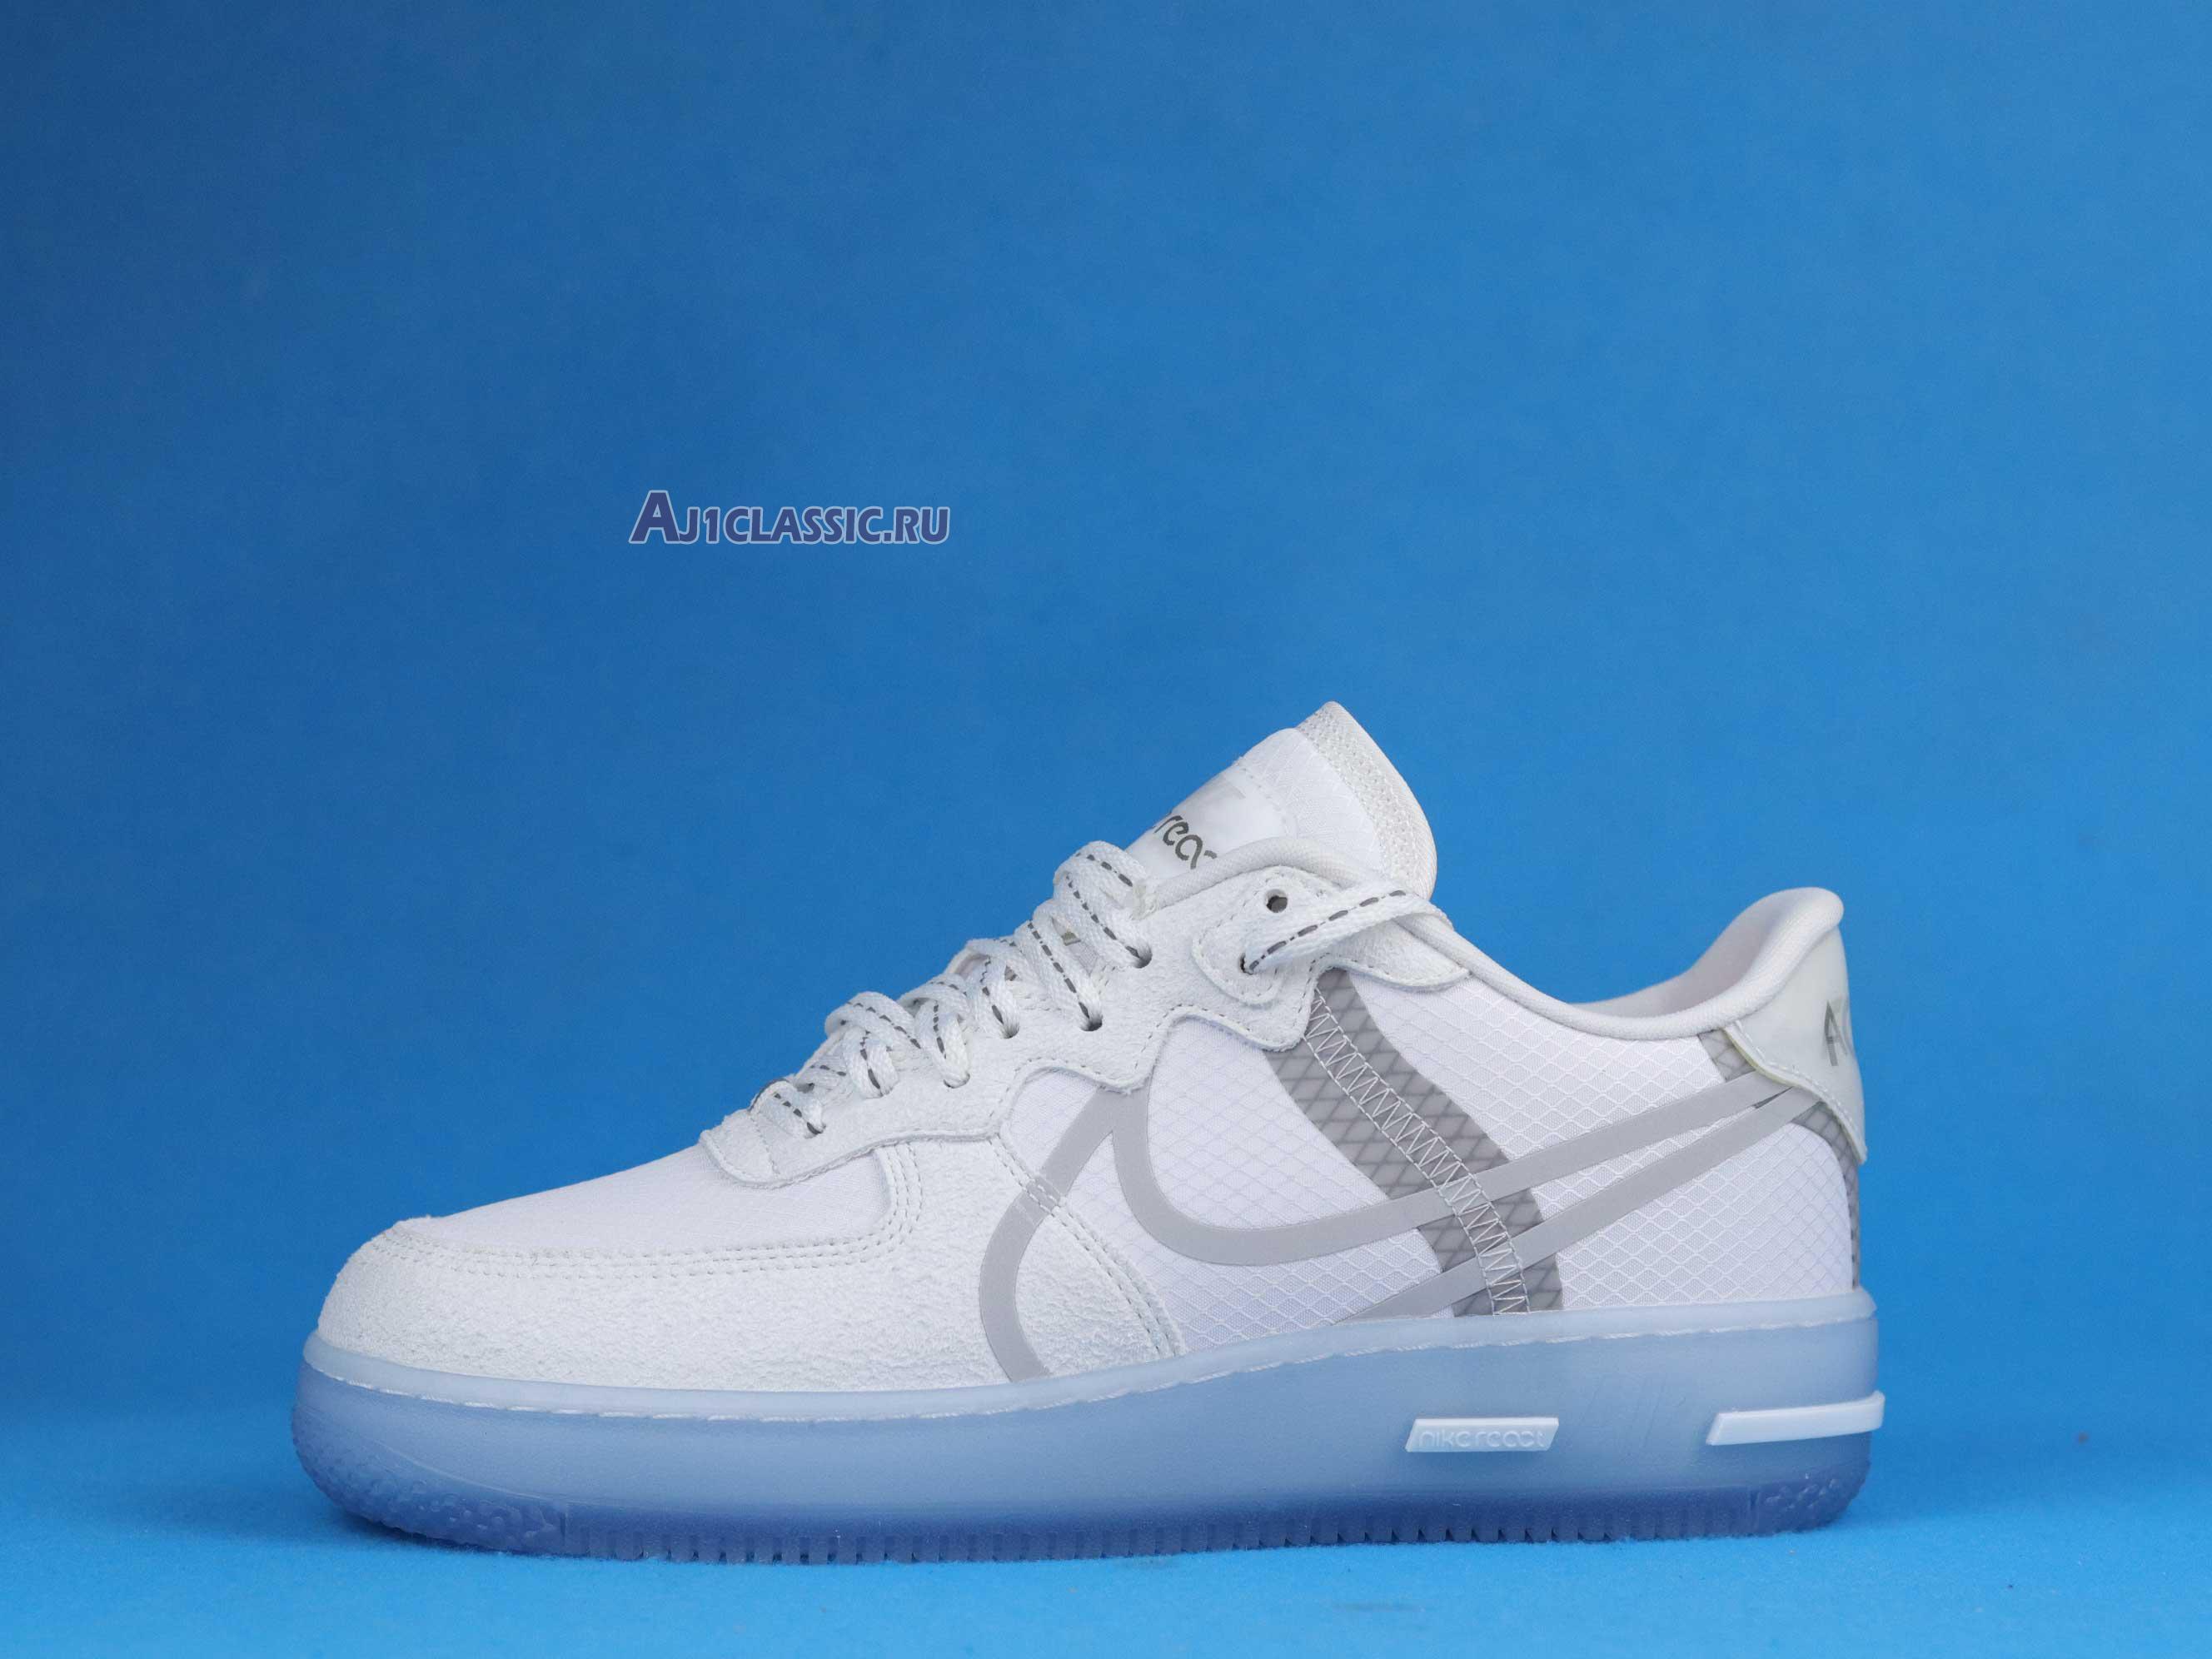 Nike Air Force 1 React QS White Ice CQ8879-100 White/Light Bone ...